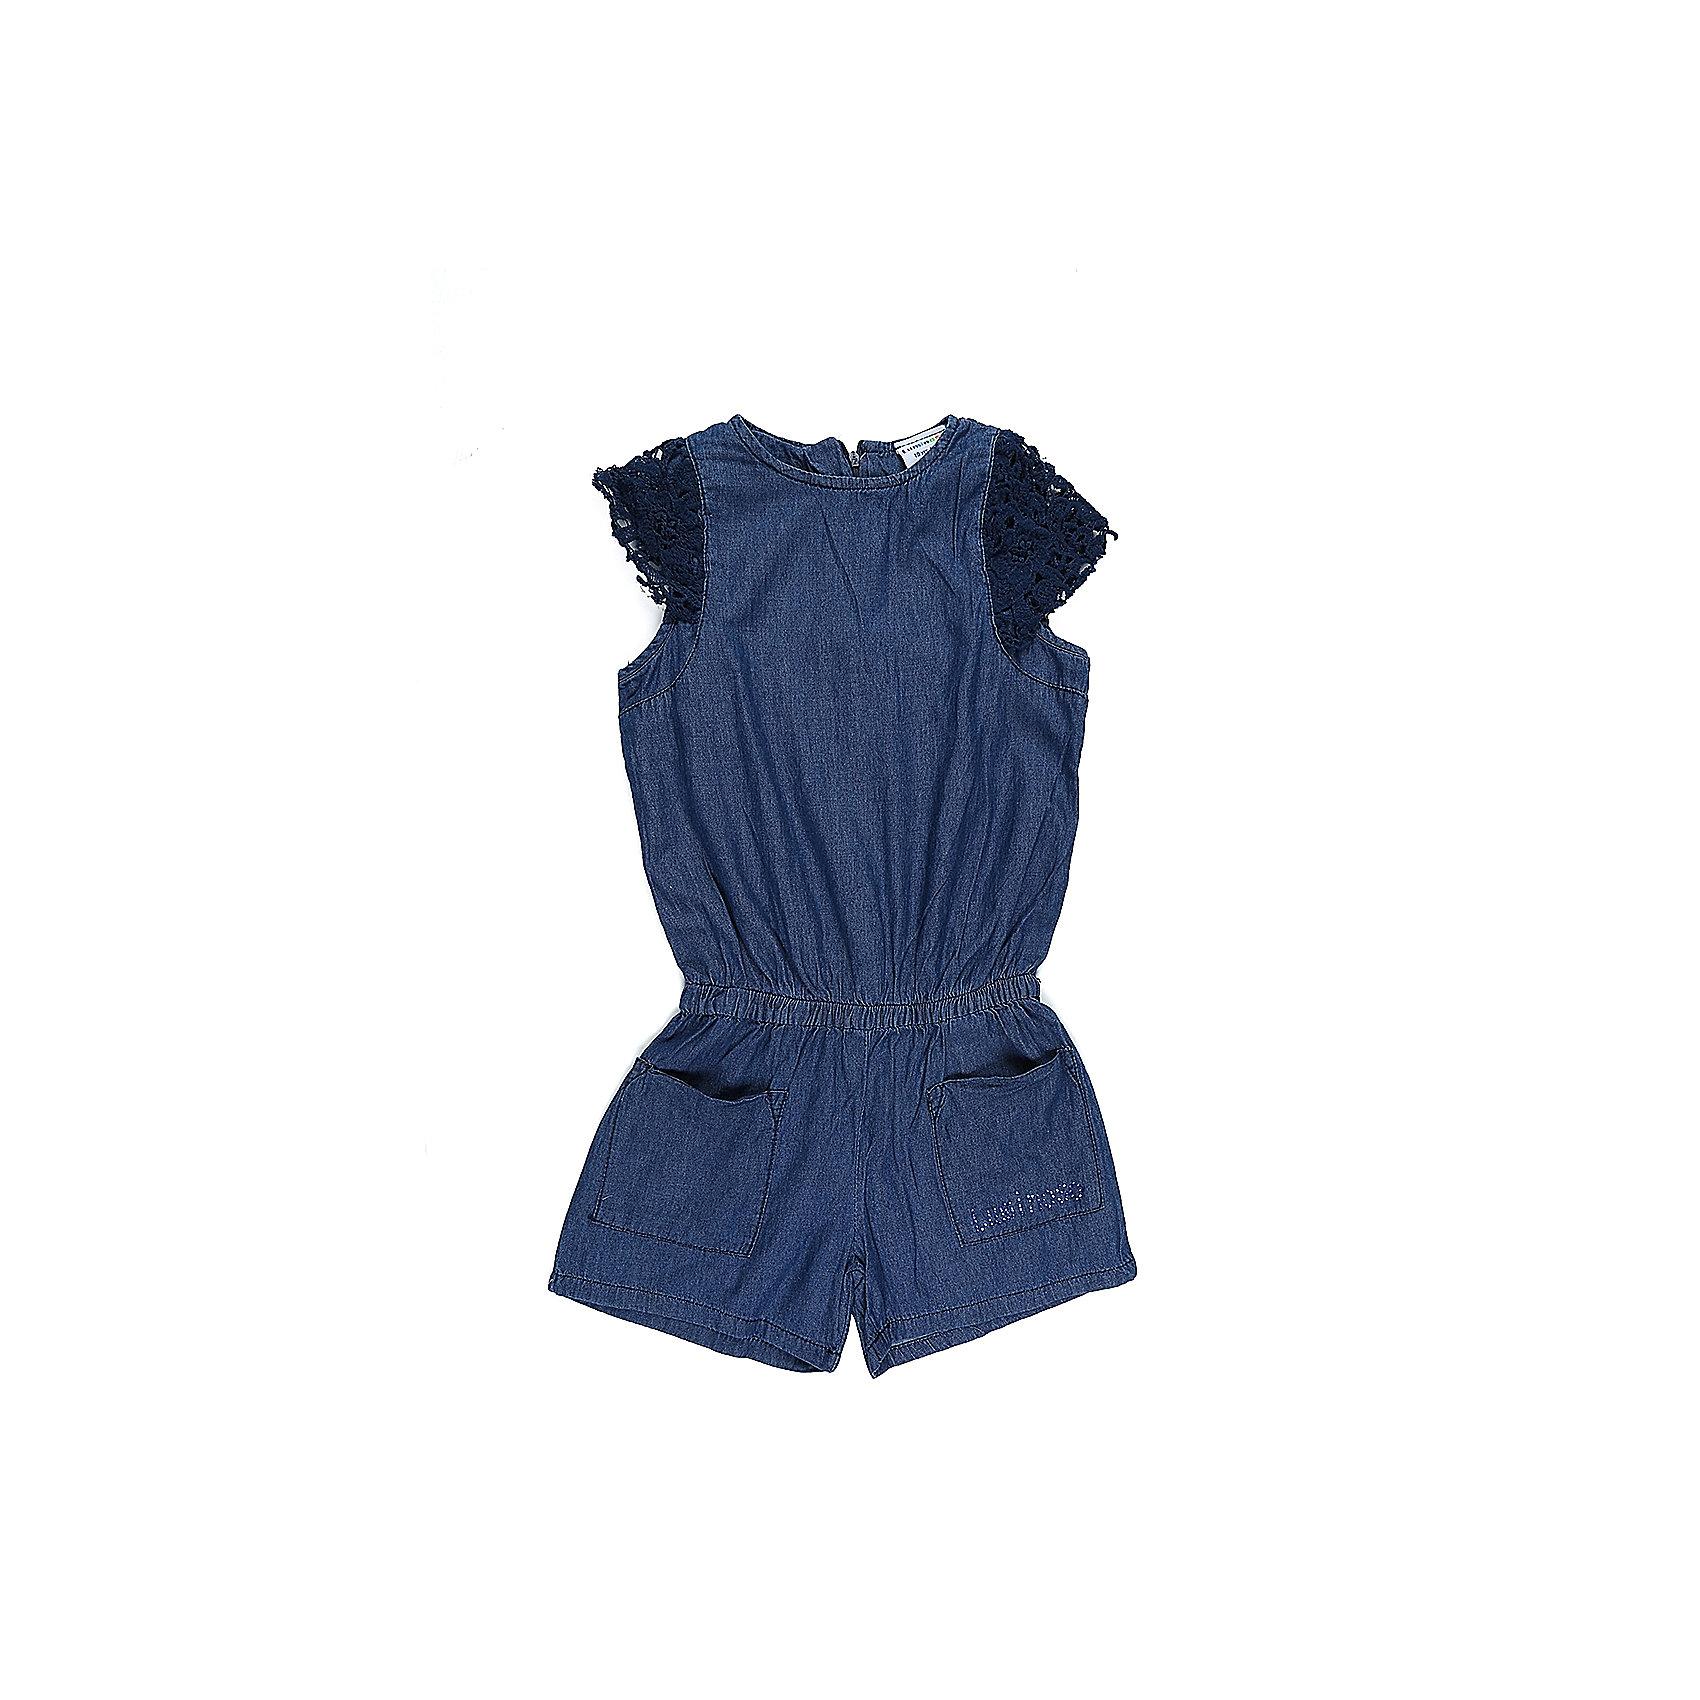 Комбинезон джинсовый для девочки LuminosoДжинсовая одежда<br>Комбинезон из тонкой хлопковой ткани под джинсу для девочки. Рукава крылышки. Два накланых кармана. Талия собрана на мягкую резинку. Застежка на спинке на молнию.<br>Состав:<br>100%хлопок<br><br>Ширина мм: 215<br>Глубина мм: 88<br>Высота мм: 191<br>Вес г: 336<br>Цвет: синий<br>Возраст от месяцев: 108<br>Возраст до месяцев: 120<br>Пол: Женский<br>Возраст: Детский<br>Размер: 140,134,164,158,152,146<br>SKU: 5413490